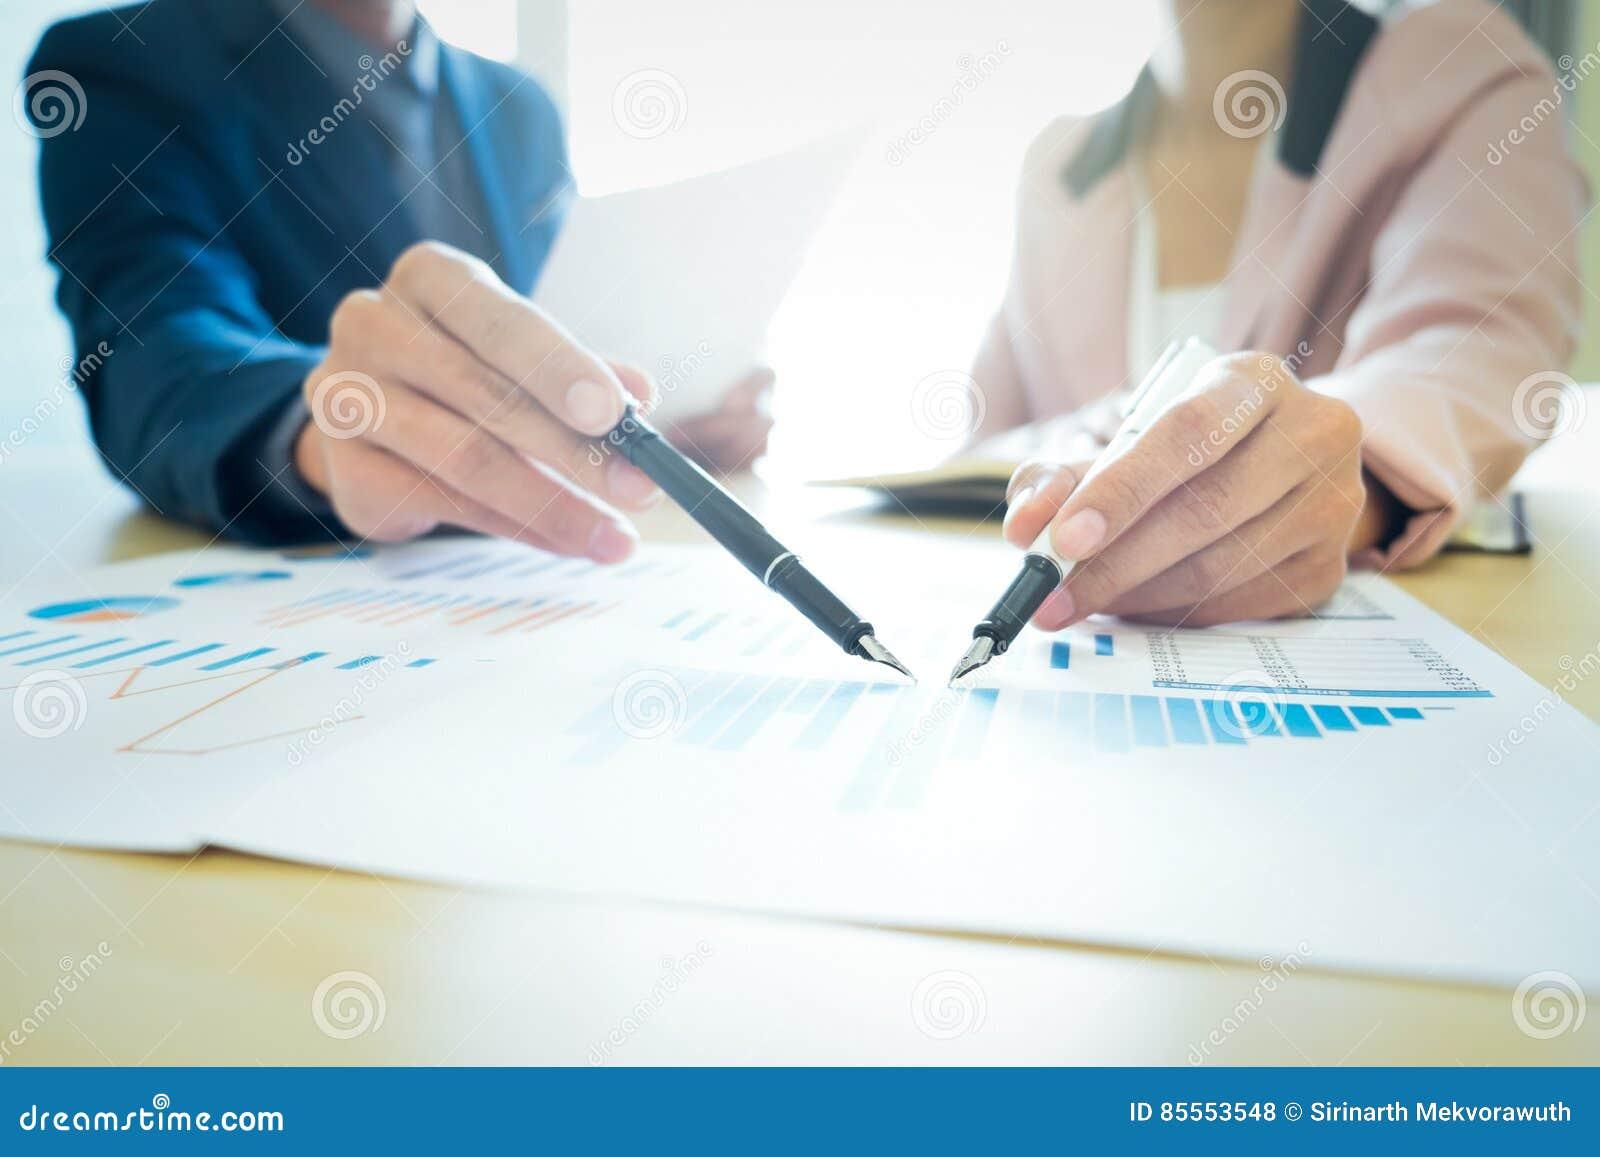 Startgeschäftsteamwork-Sitzung analysieren Marketing-Daten